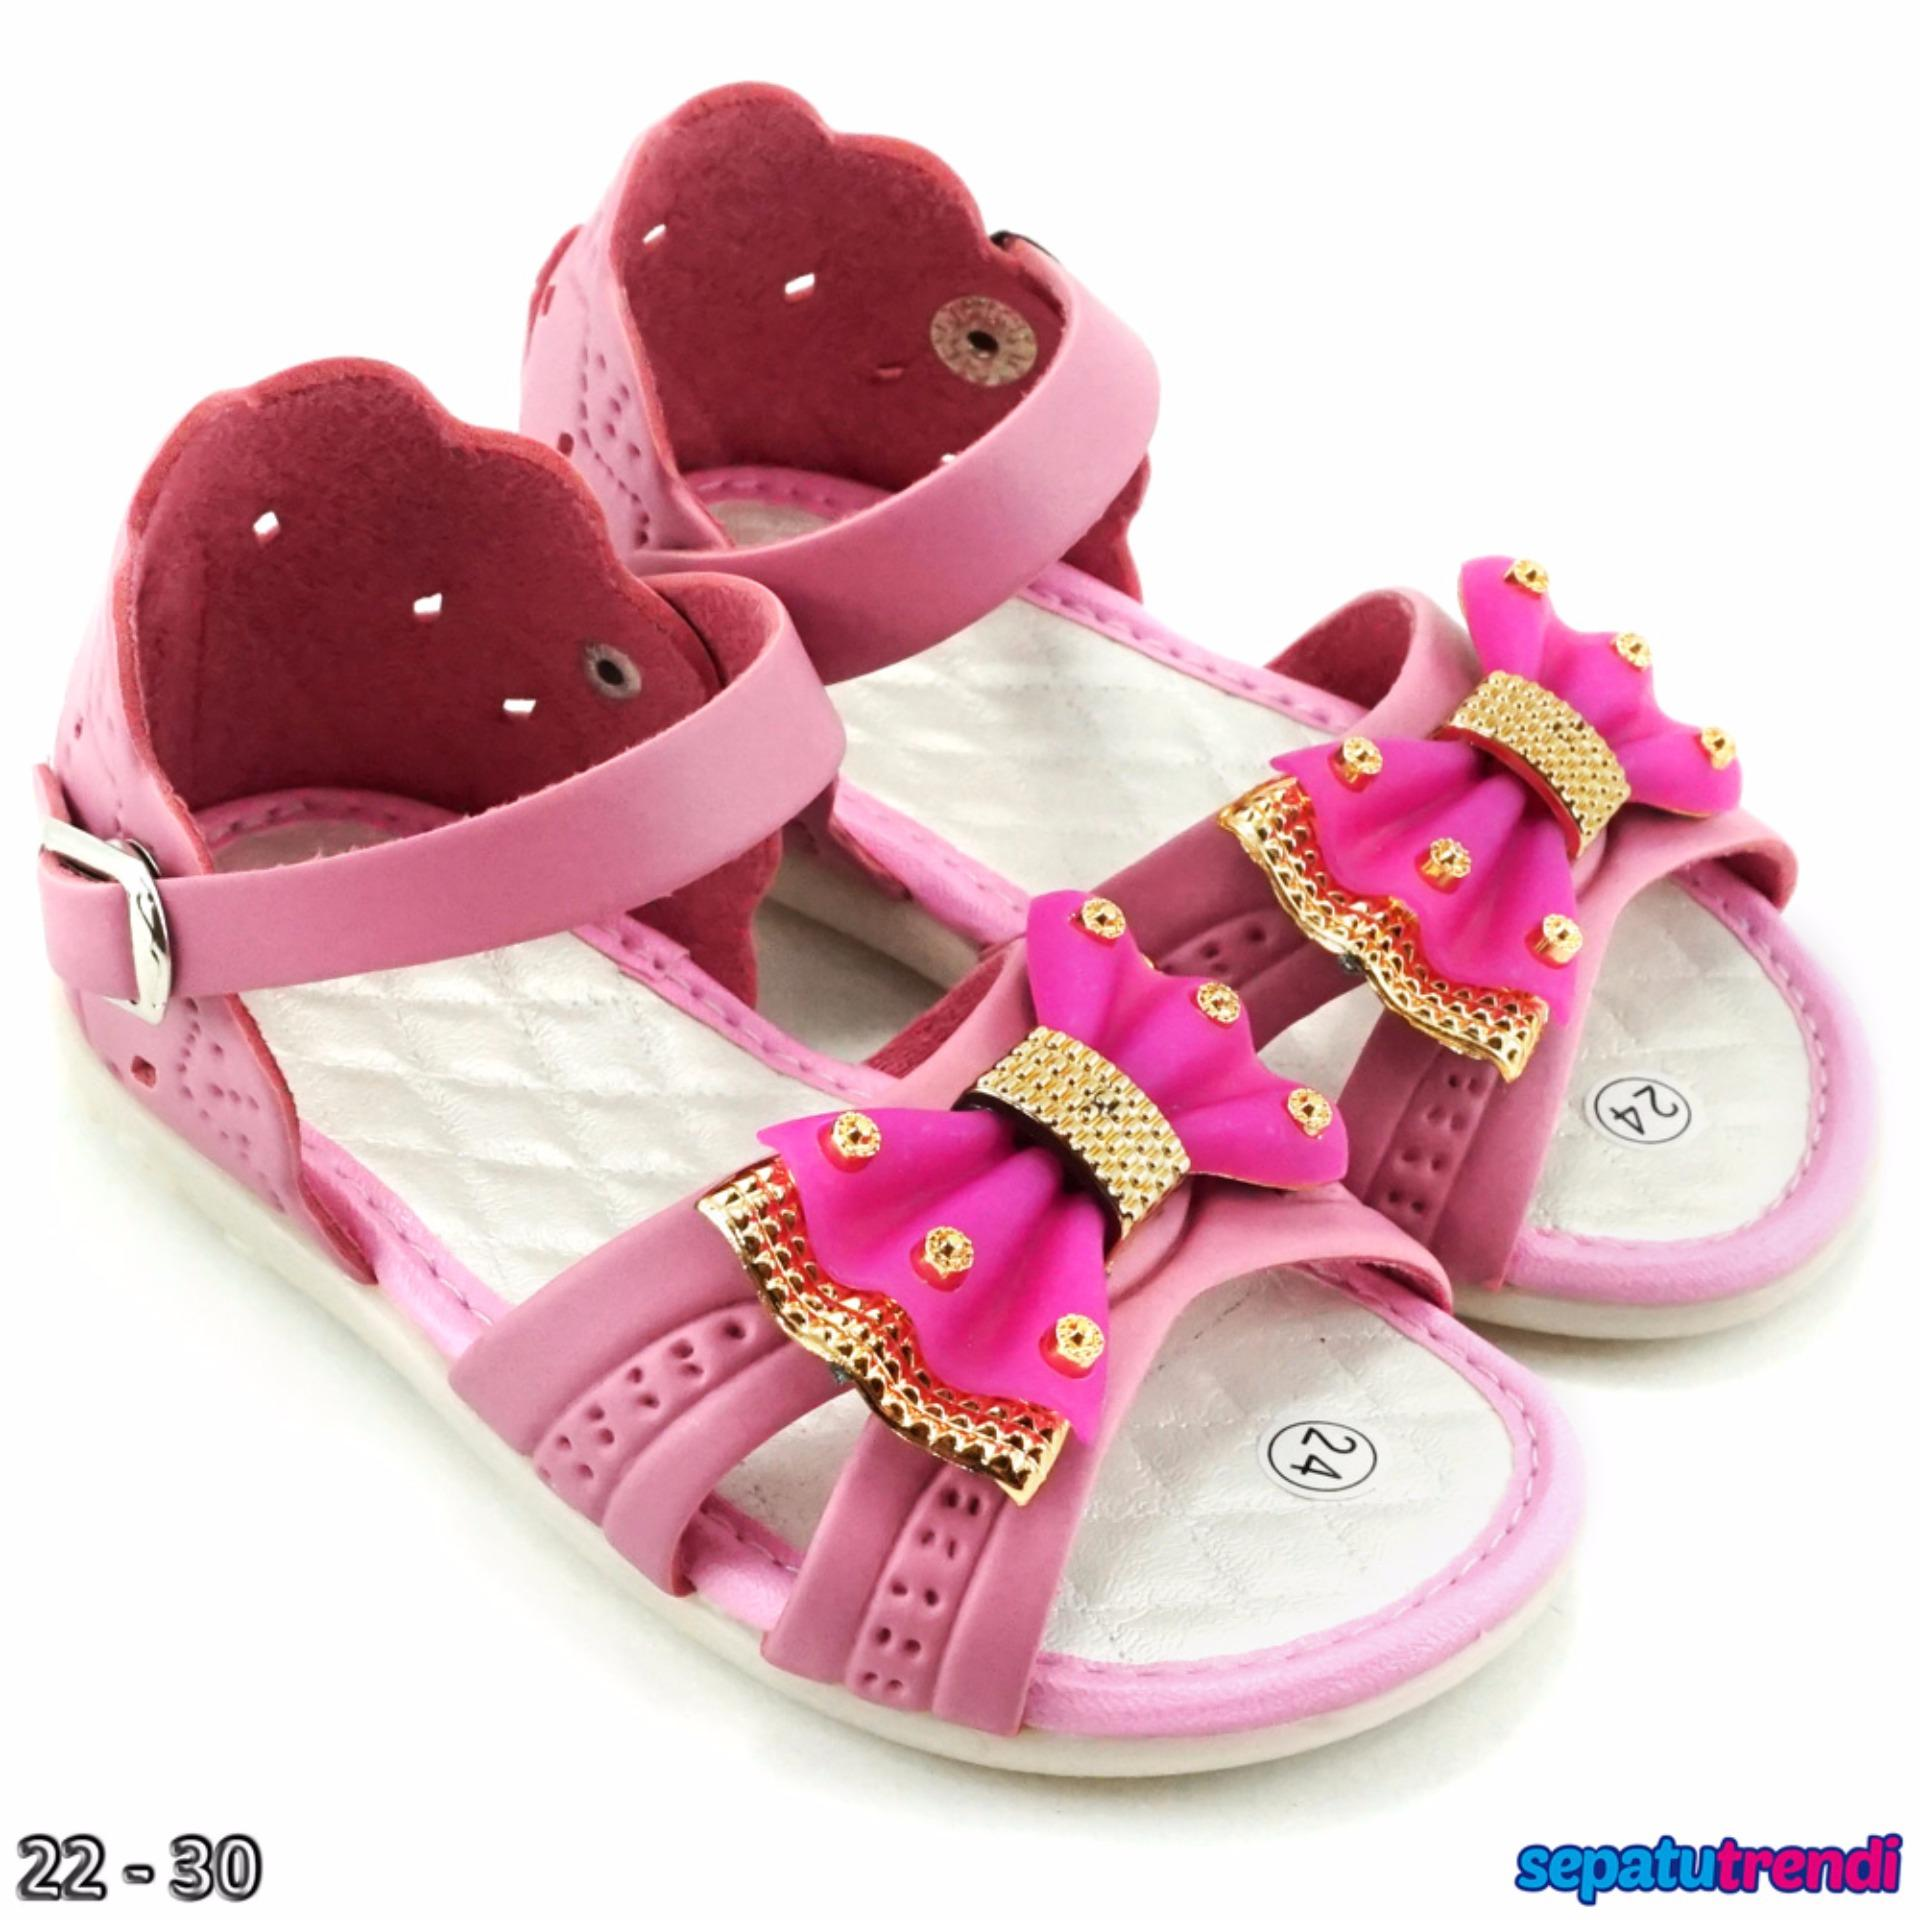 Trendishoes Sandal Anak Perempuan Variasi Pita Kx06 Pink Jawa Barat Diskon 50